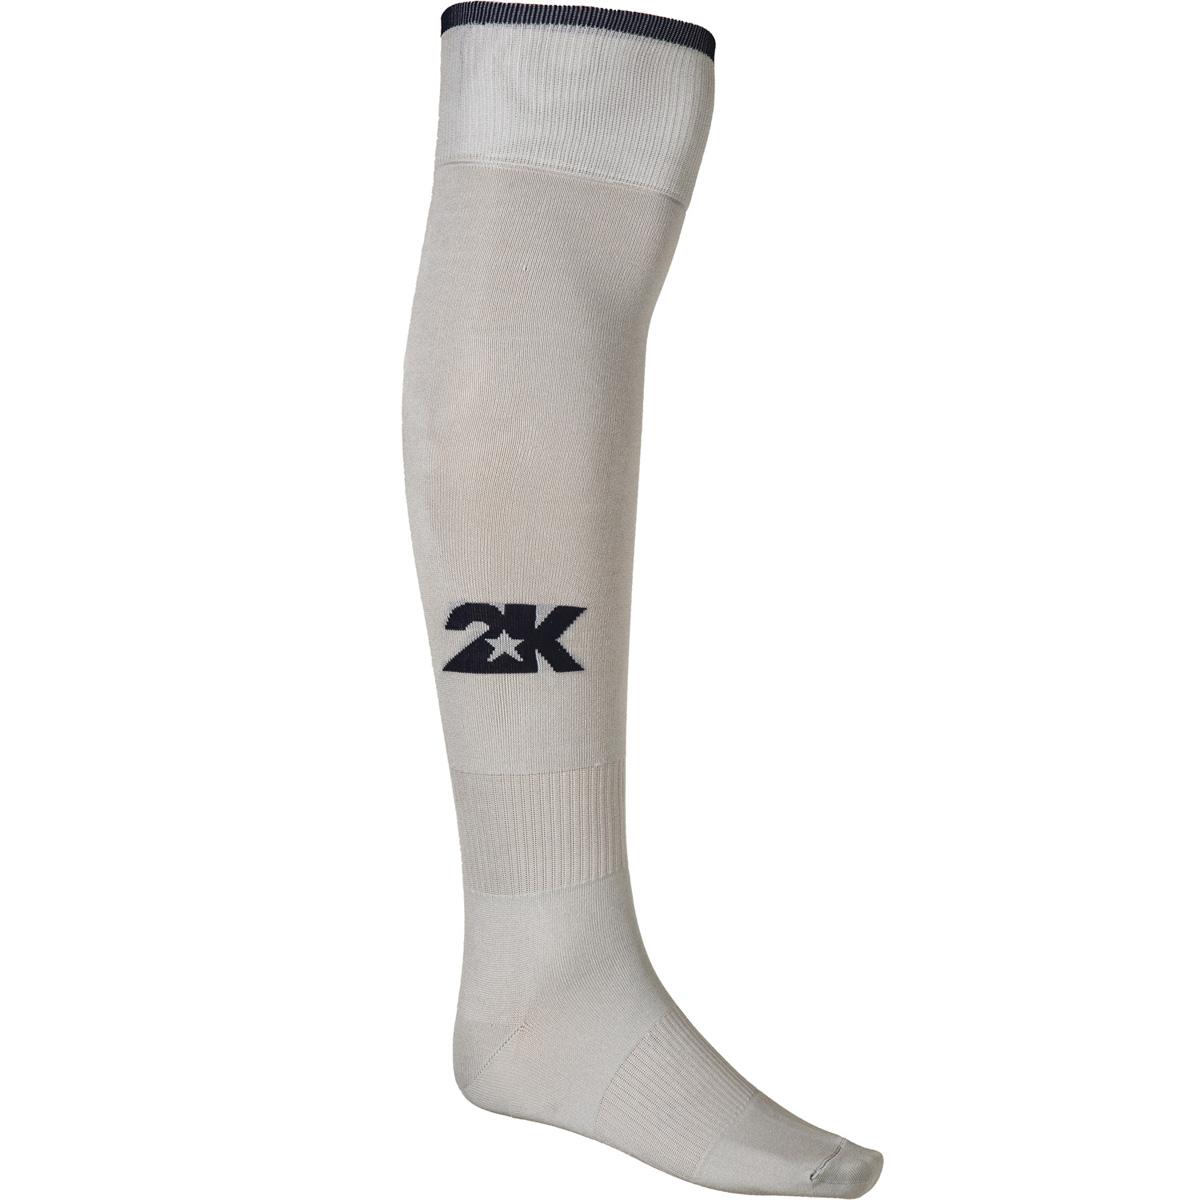 Гетры футбольные 2K Sport Classic, цвет: серебристый, темно-синий. 120334. Размер 36/40120334_silver/navyКлассические футбольные гетры выполнены из высококачественного материала. Оформлены логотипом бренда.